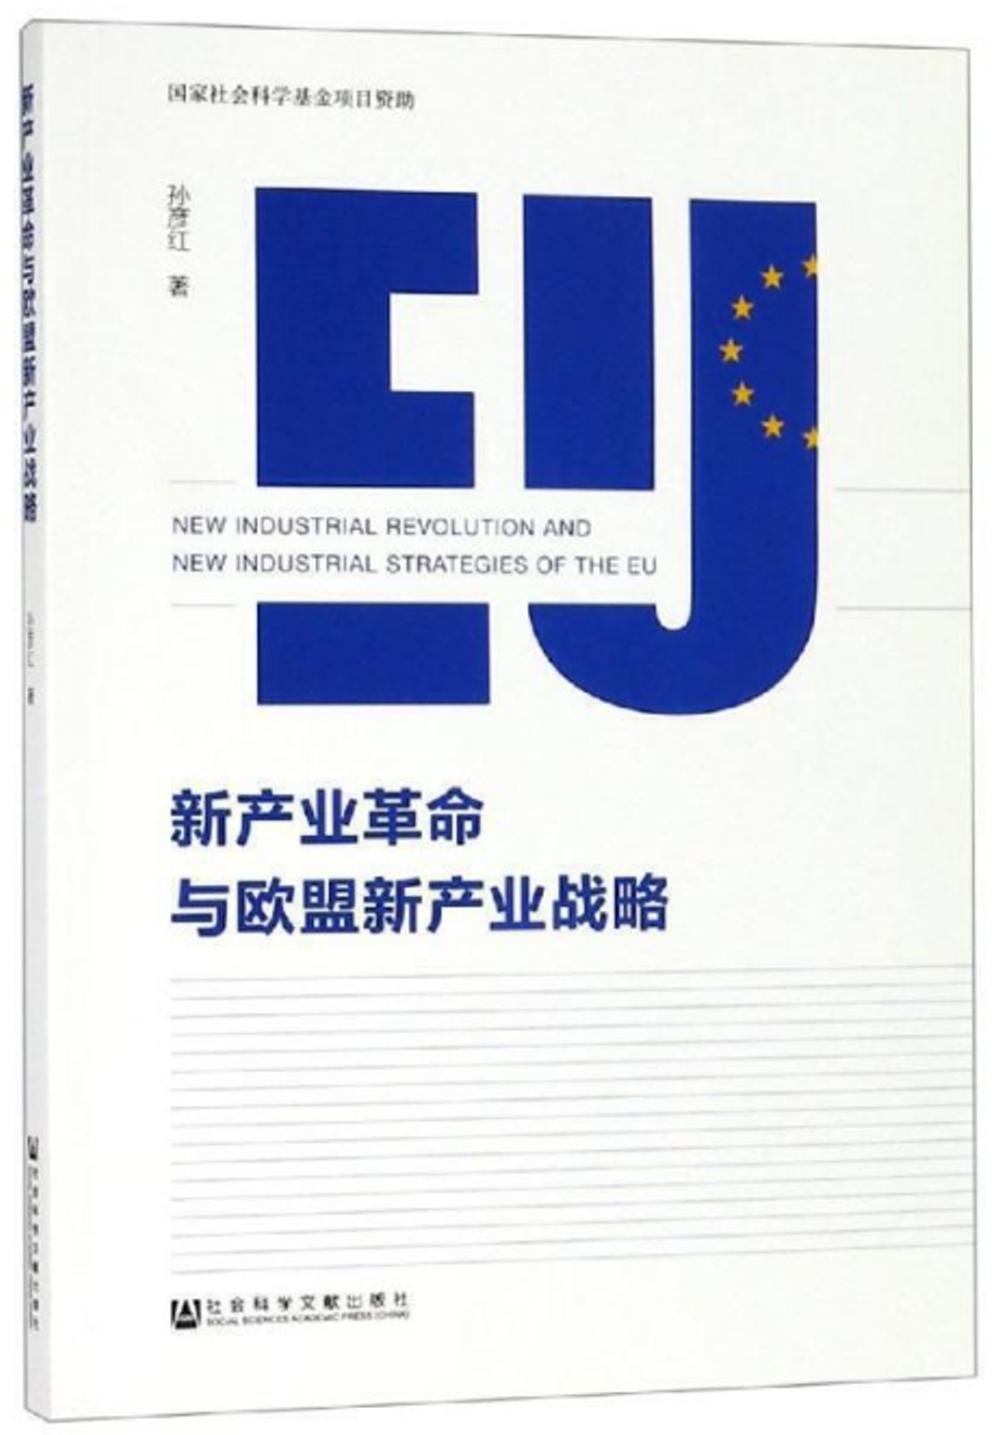 新產業革命與歐盟新產業戰略